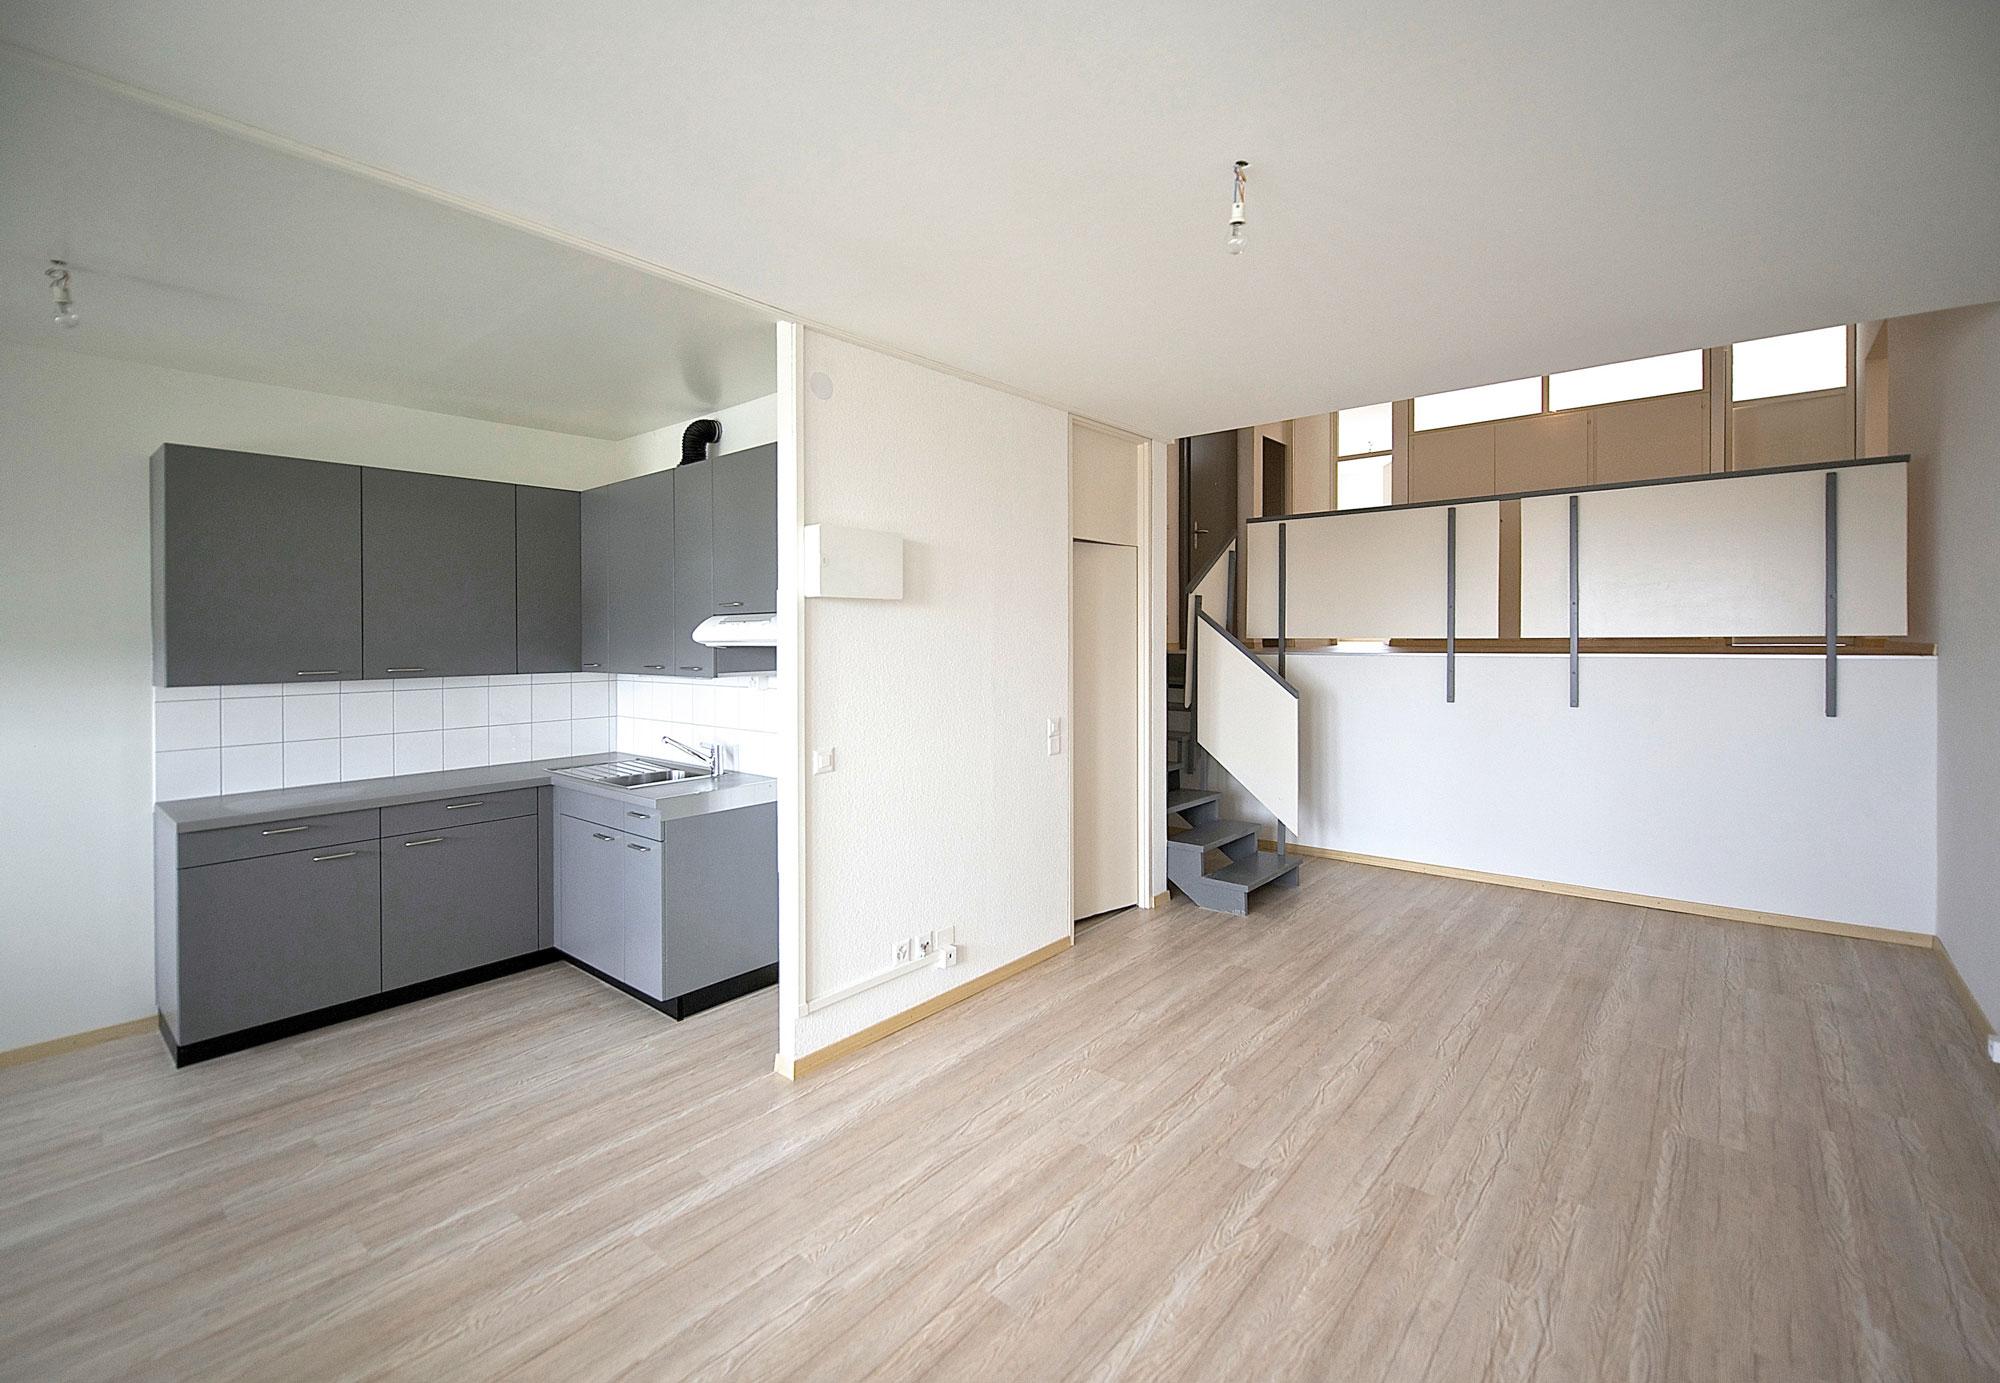 Tous les appartements sont entièrement rénovés et équipés d'installations modernes.